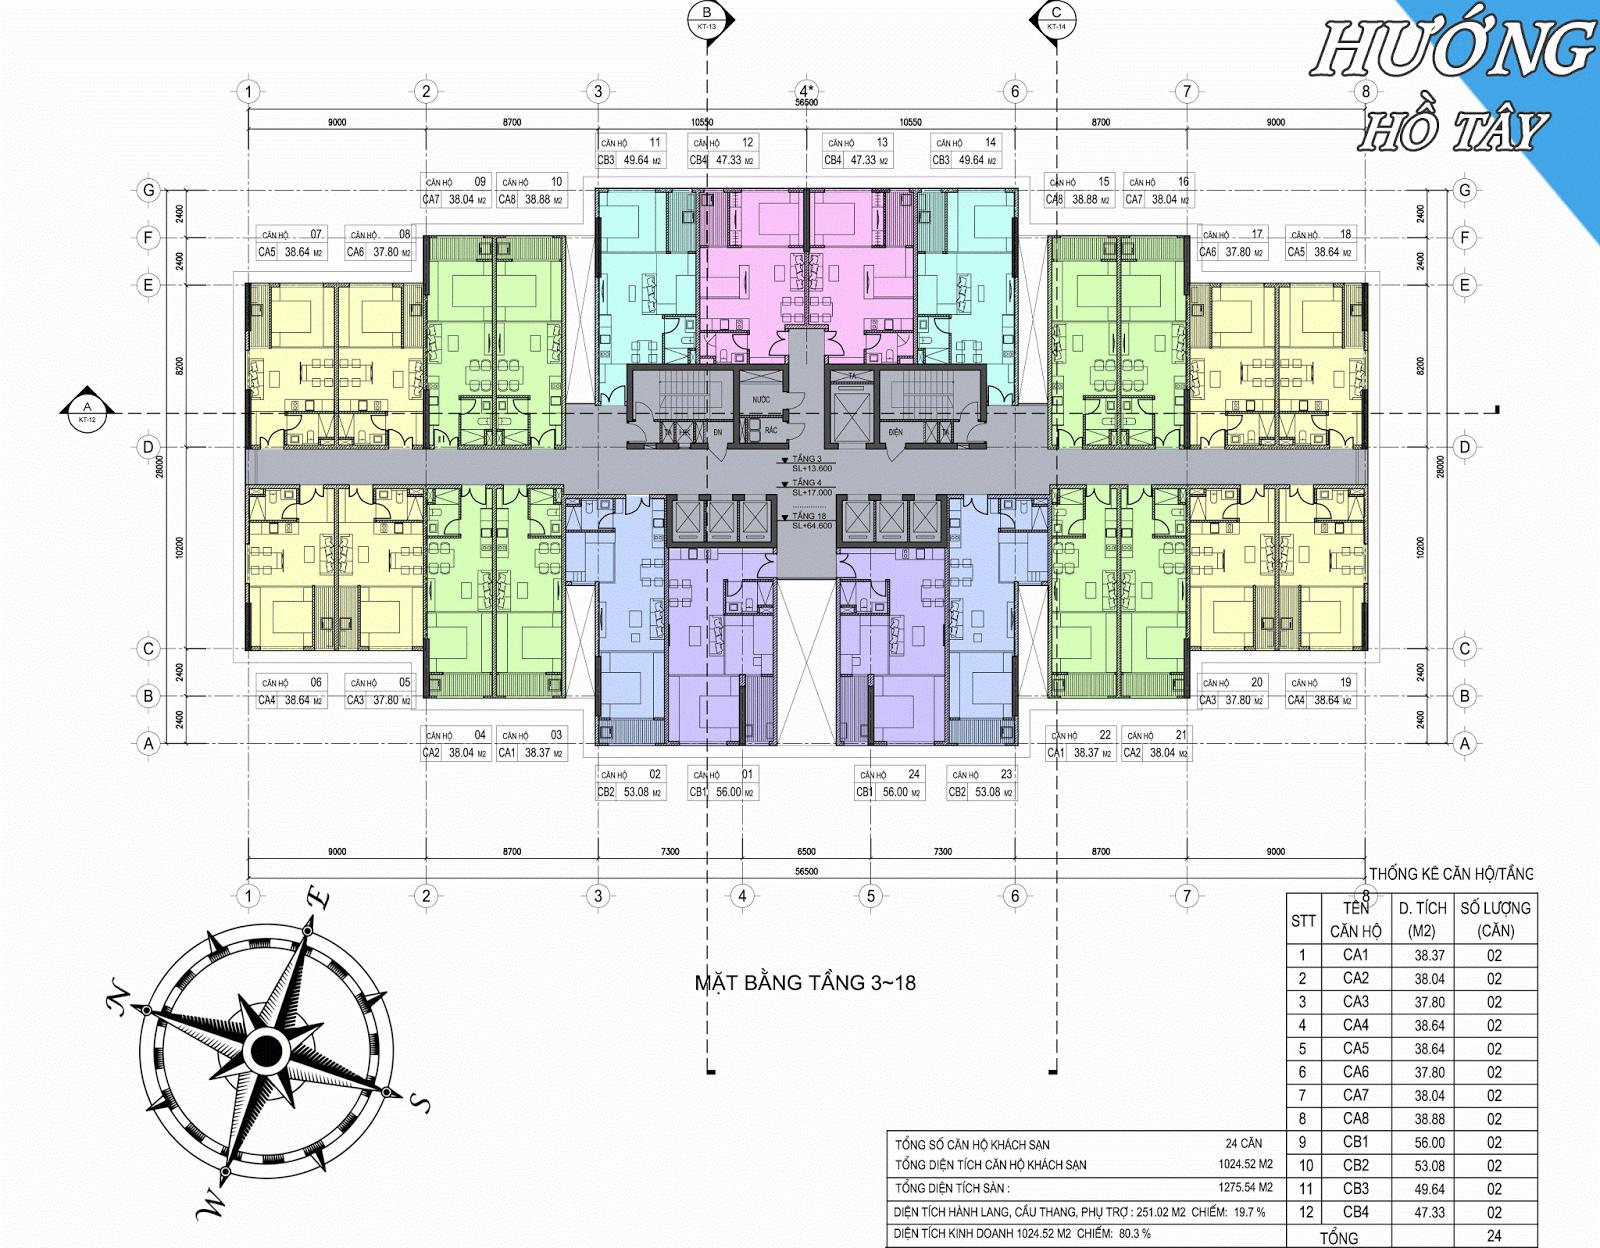 Mặt bằng tầng 3-18 dự án D'.el Dorado Phú Thanh Tân Hoàng Minh